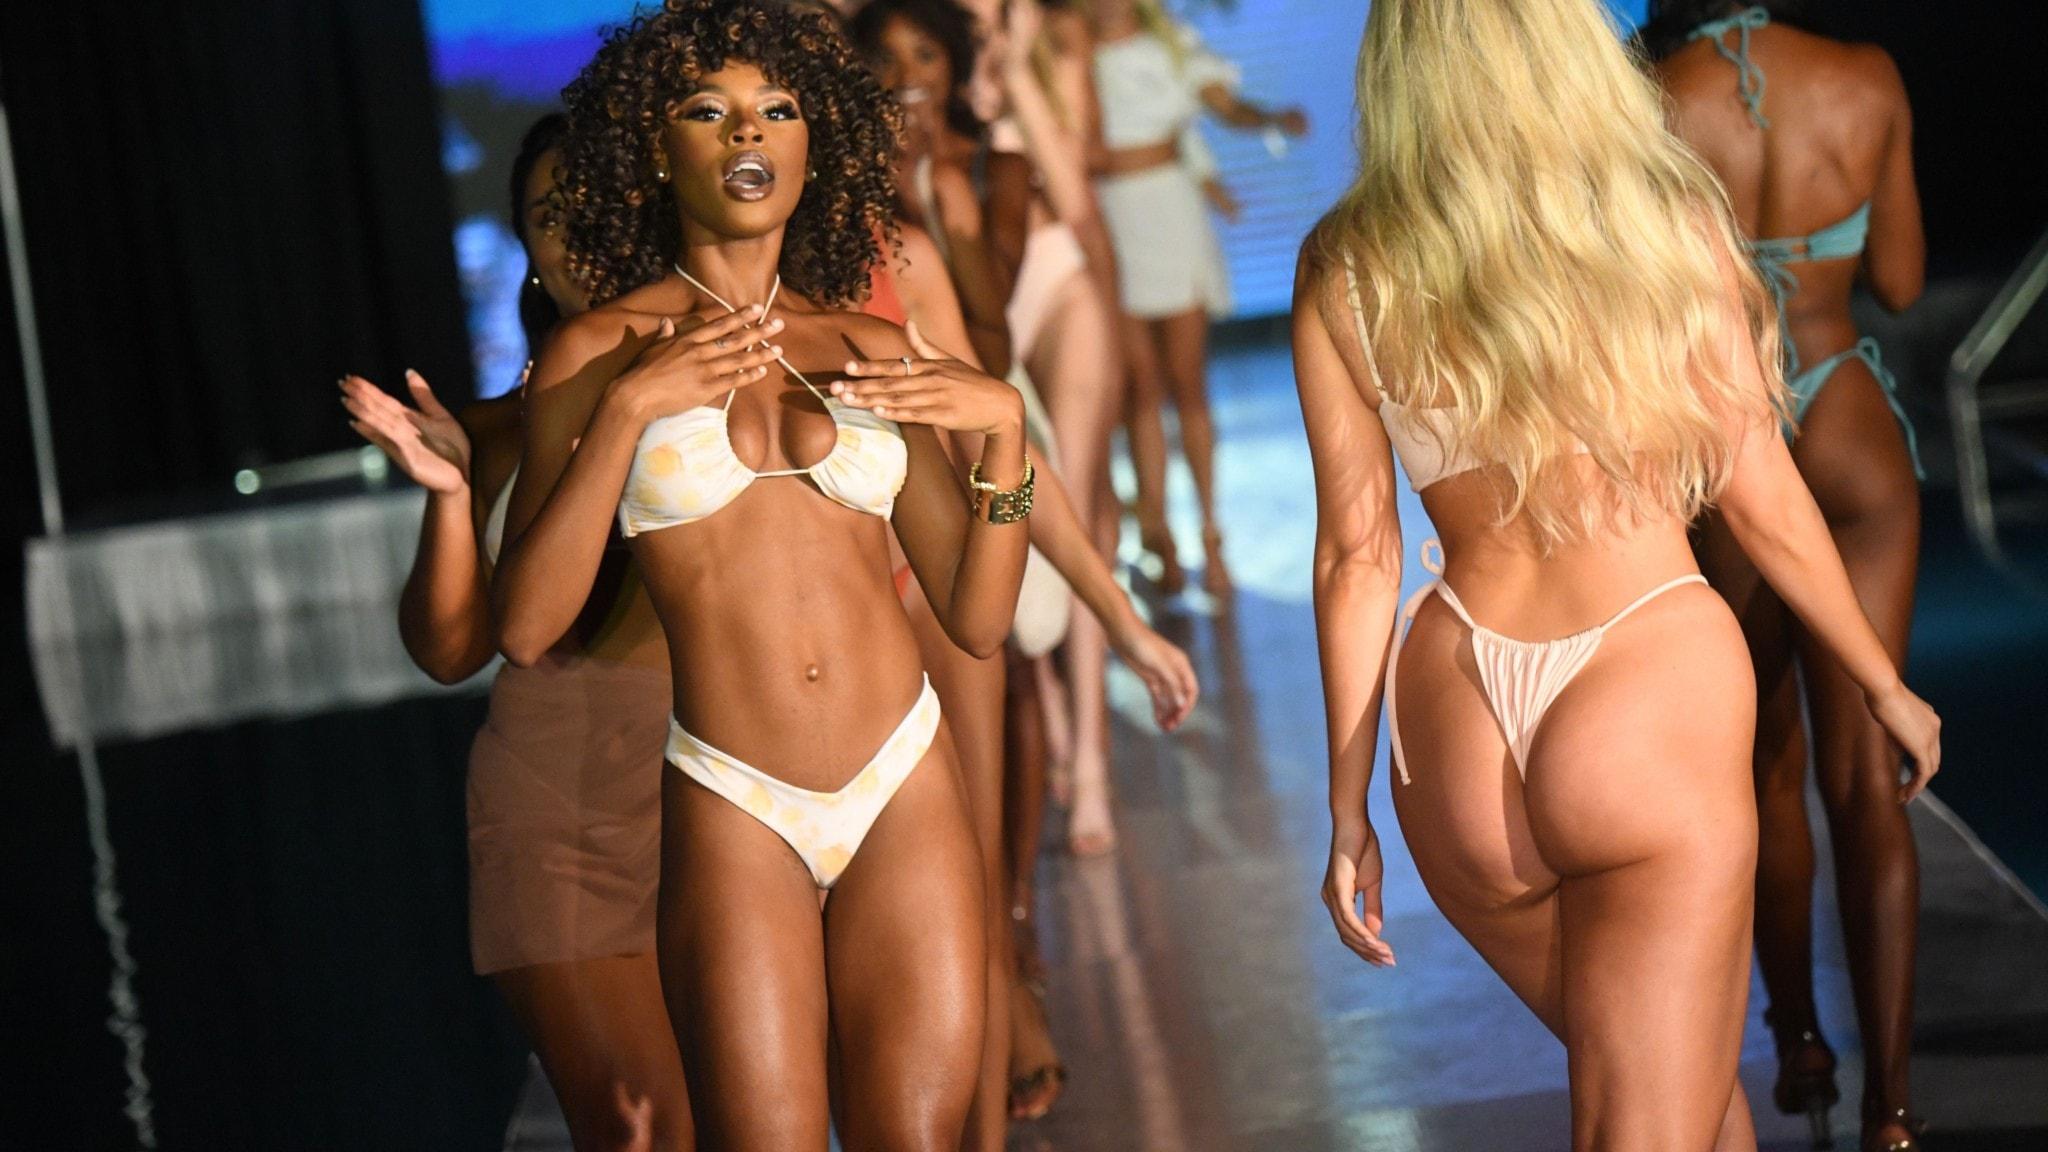 Att nakenchocka inom mode – det omodernaste som finns just nu?